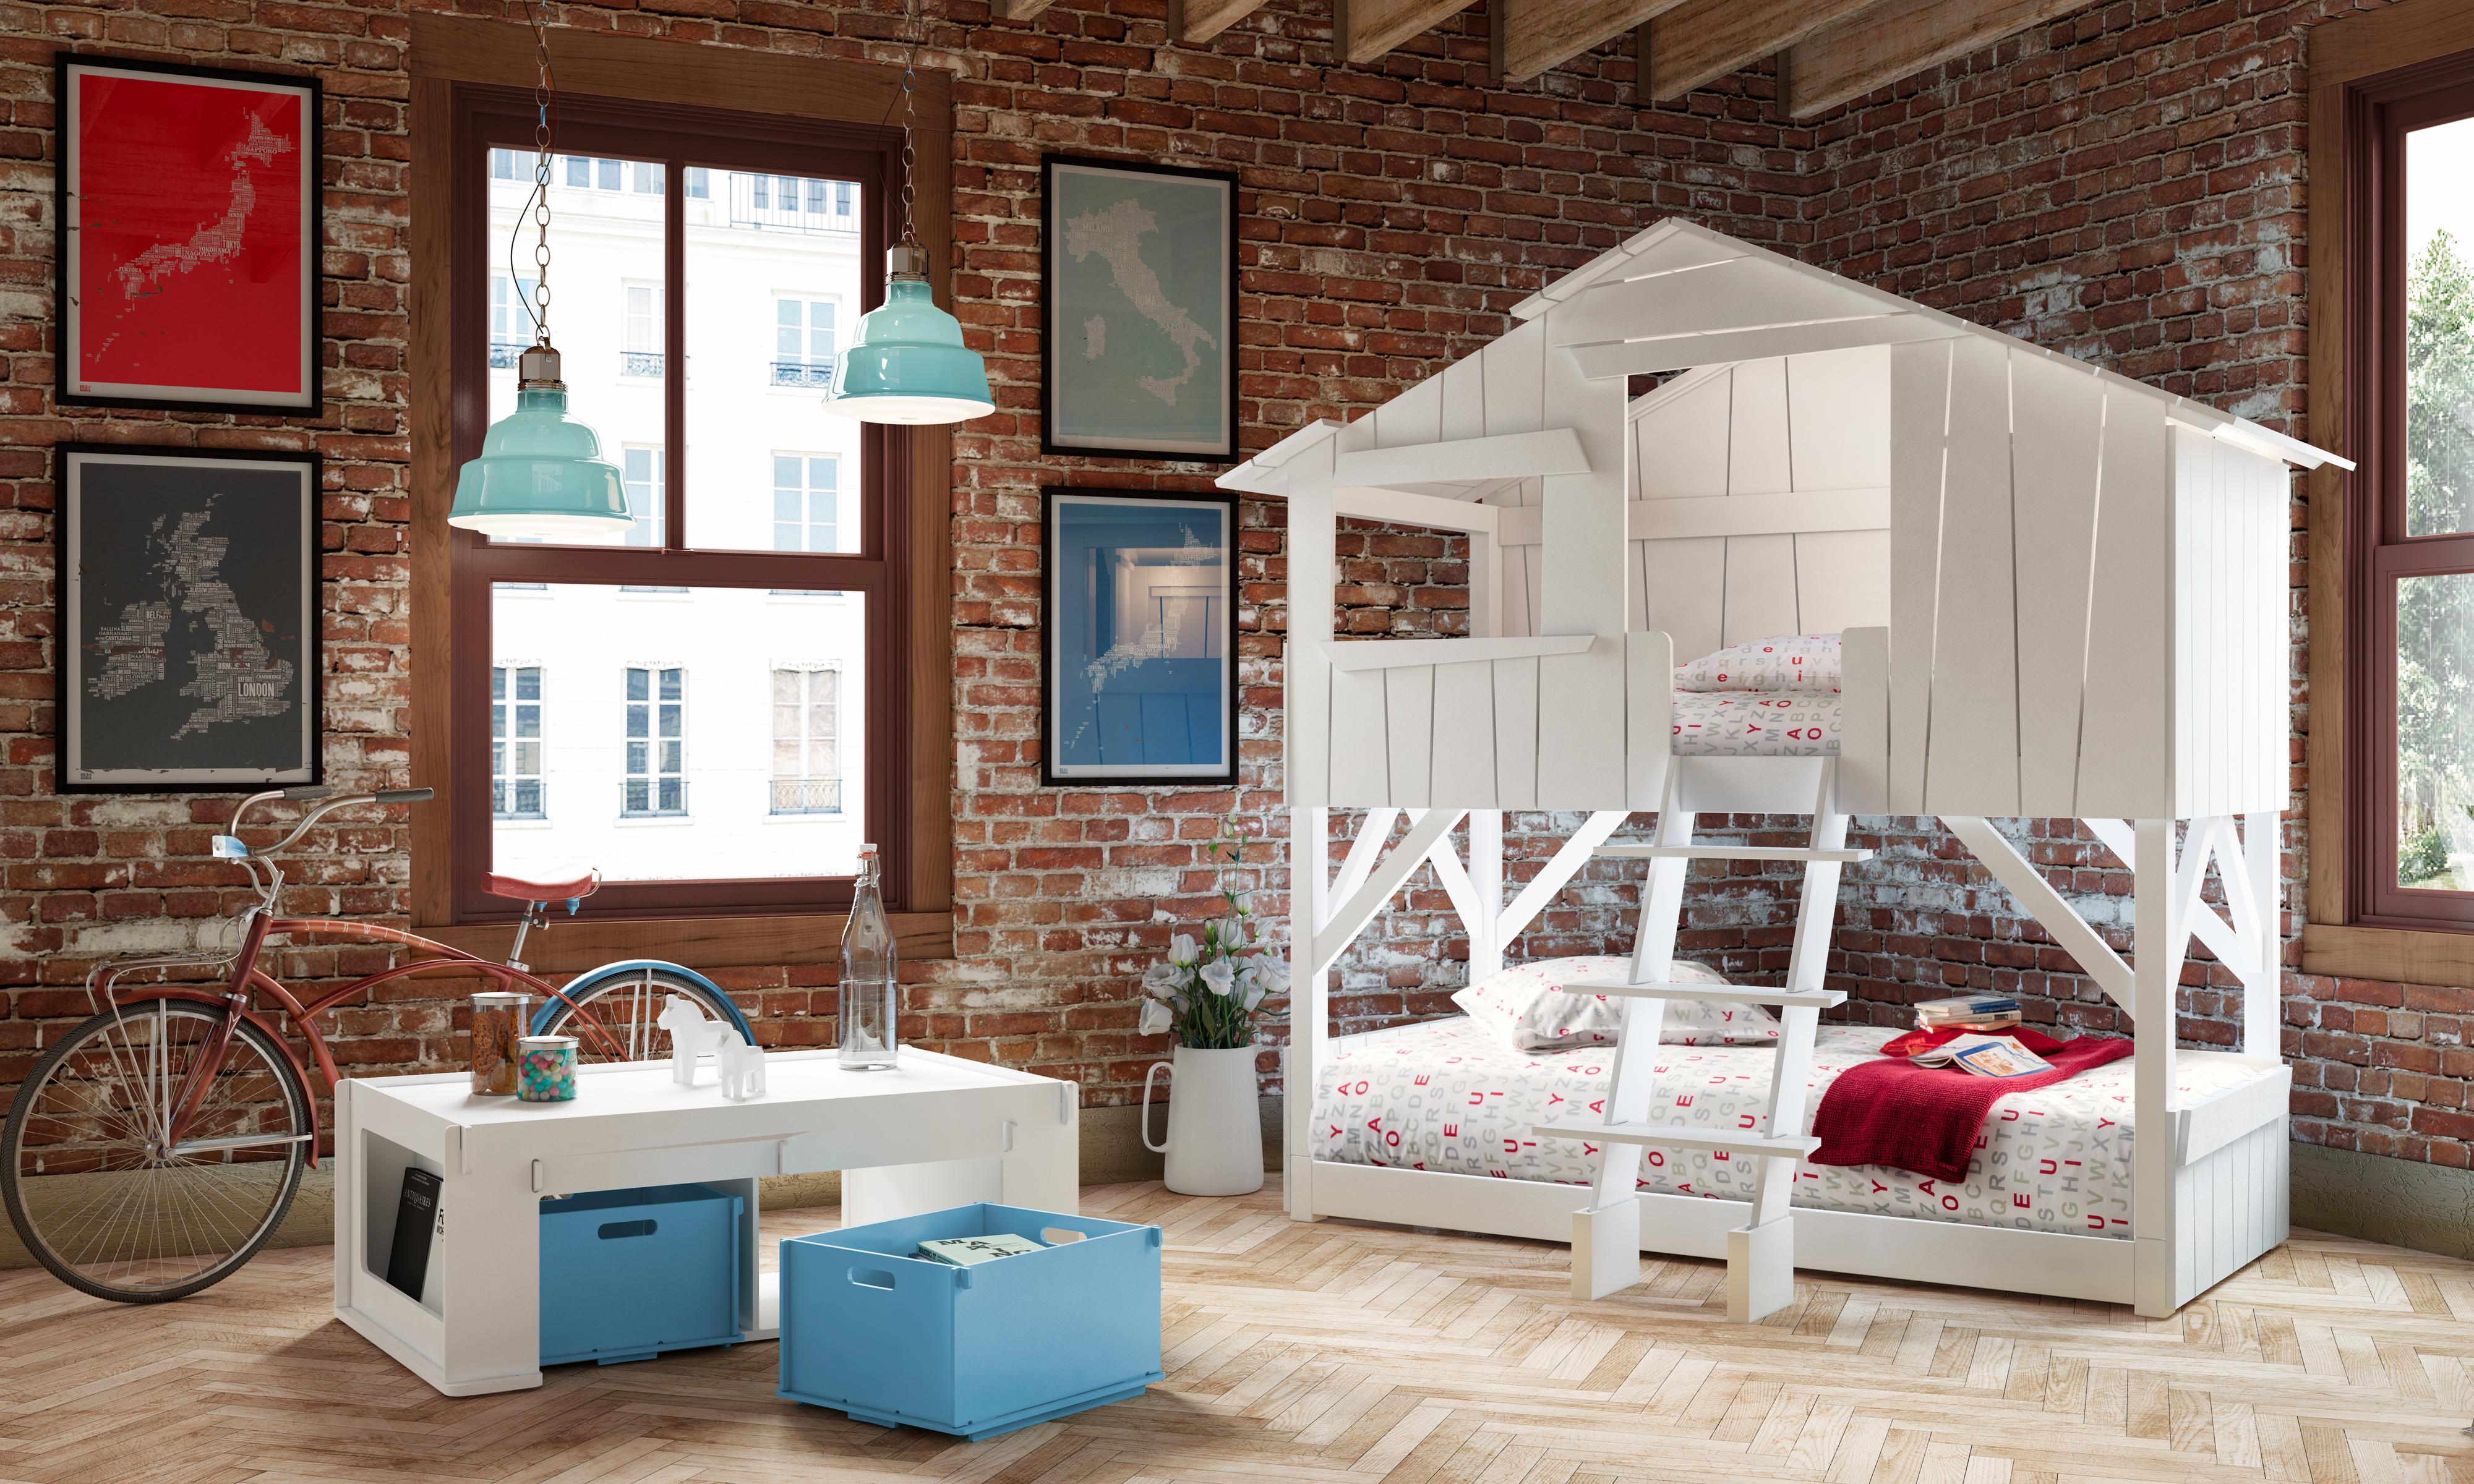 Lit Au Sol Montessori Quel Age nos conseils pour bien aménager une chambre d'enfant